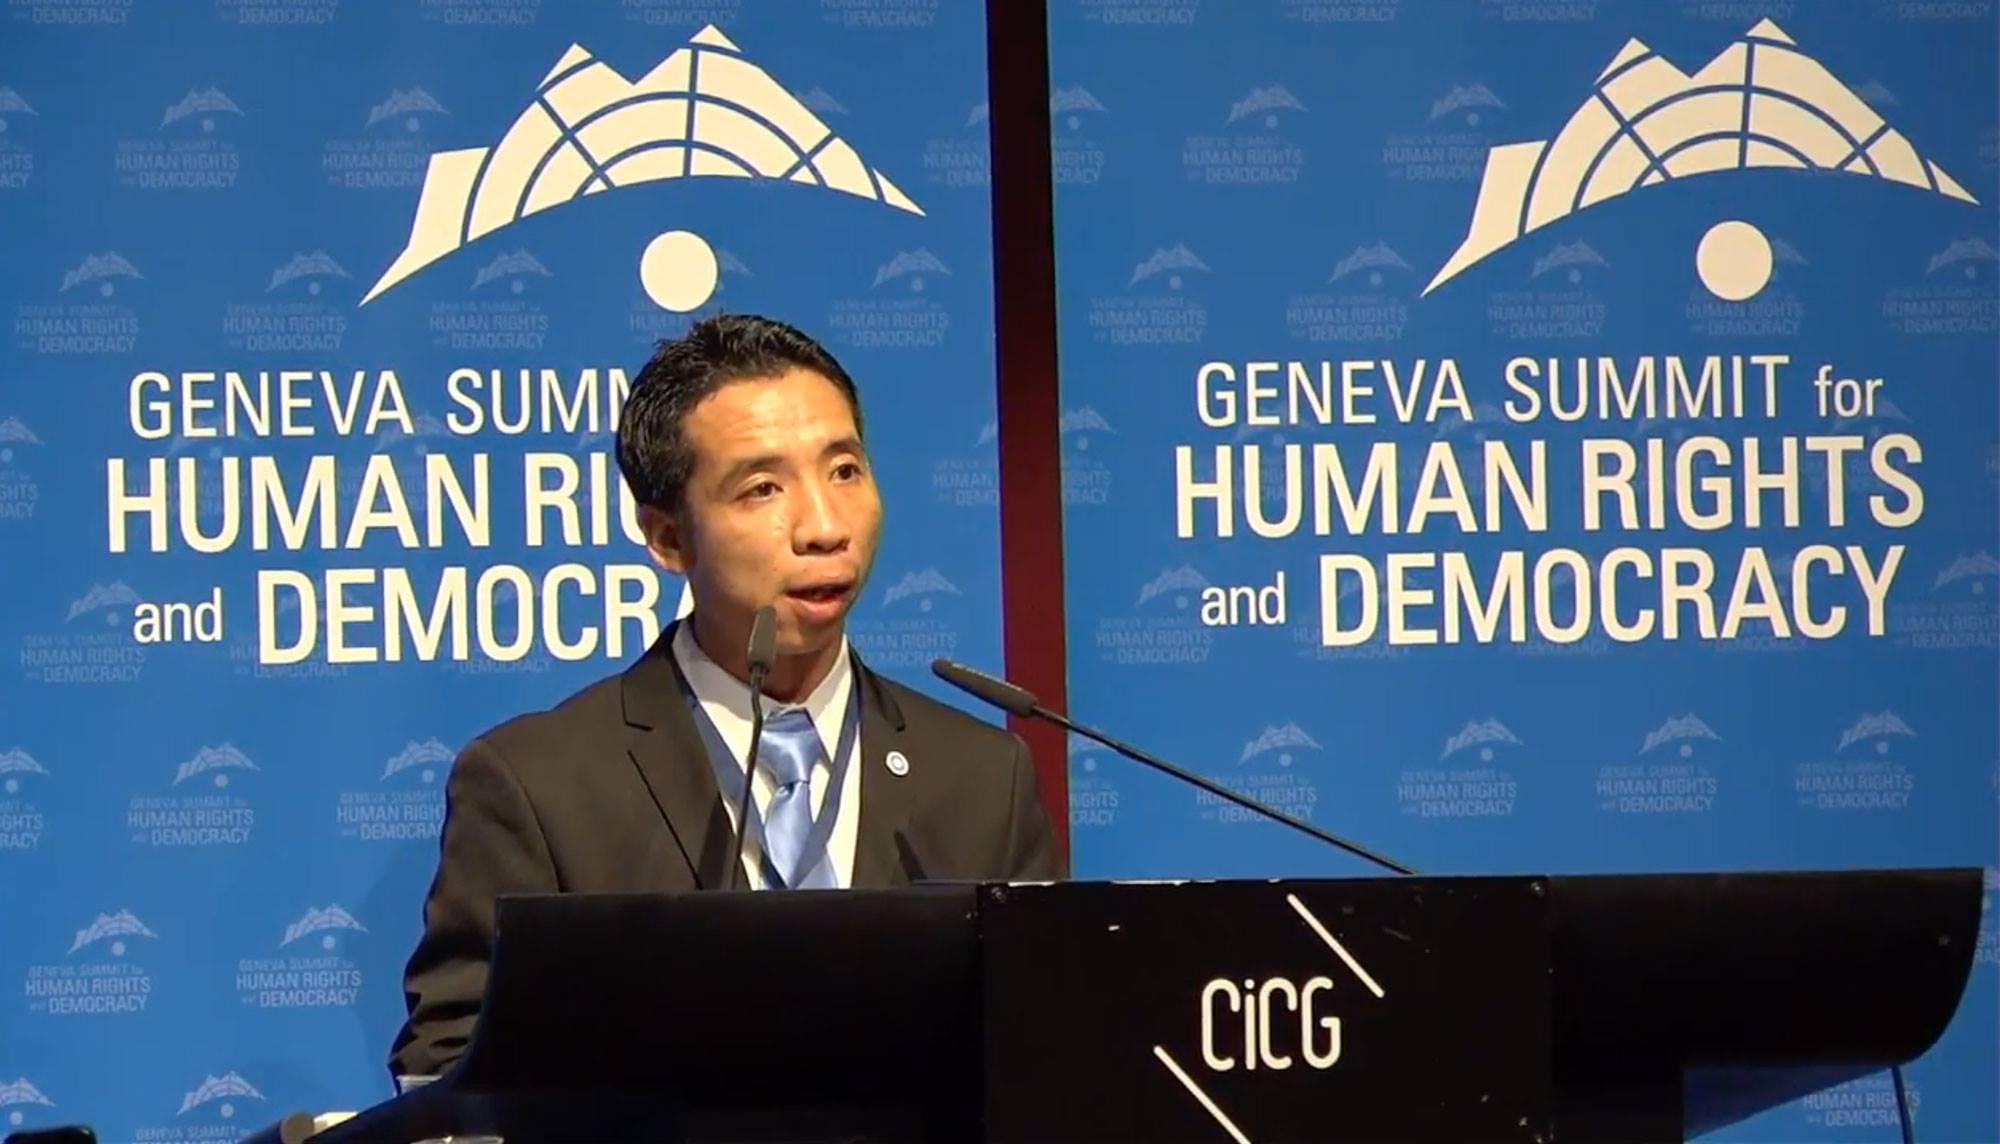 Cựu TNLT Đặng Xuân Diệu phát biểu trước Hội Nghị Geneva – Nhân Quyền và Dân Chủ 2017